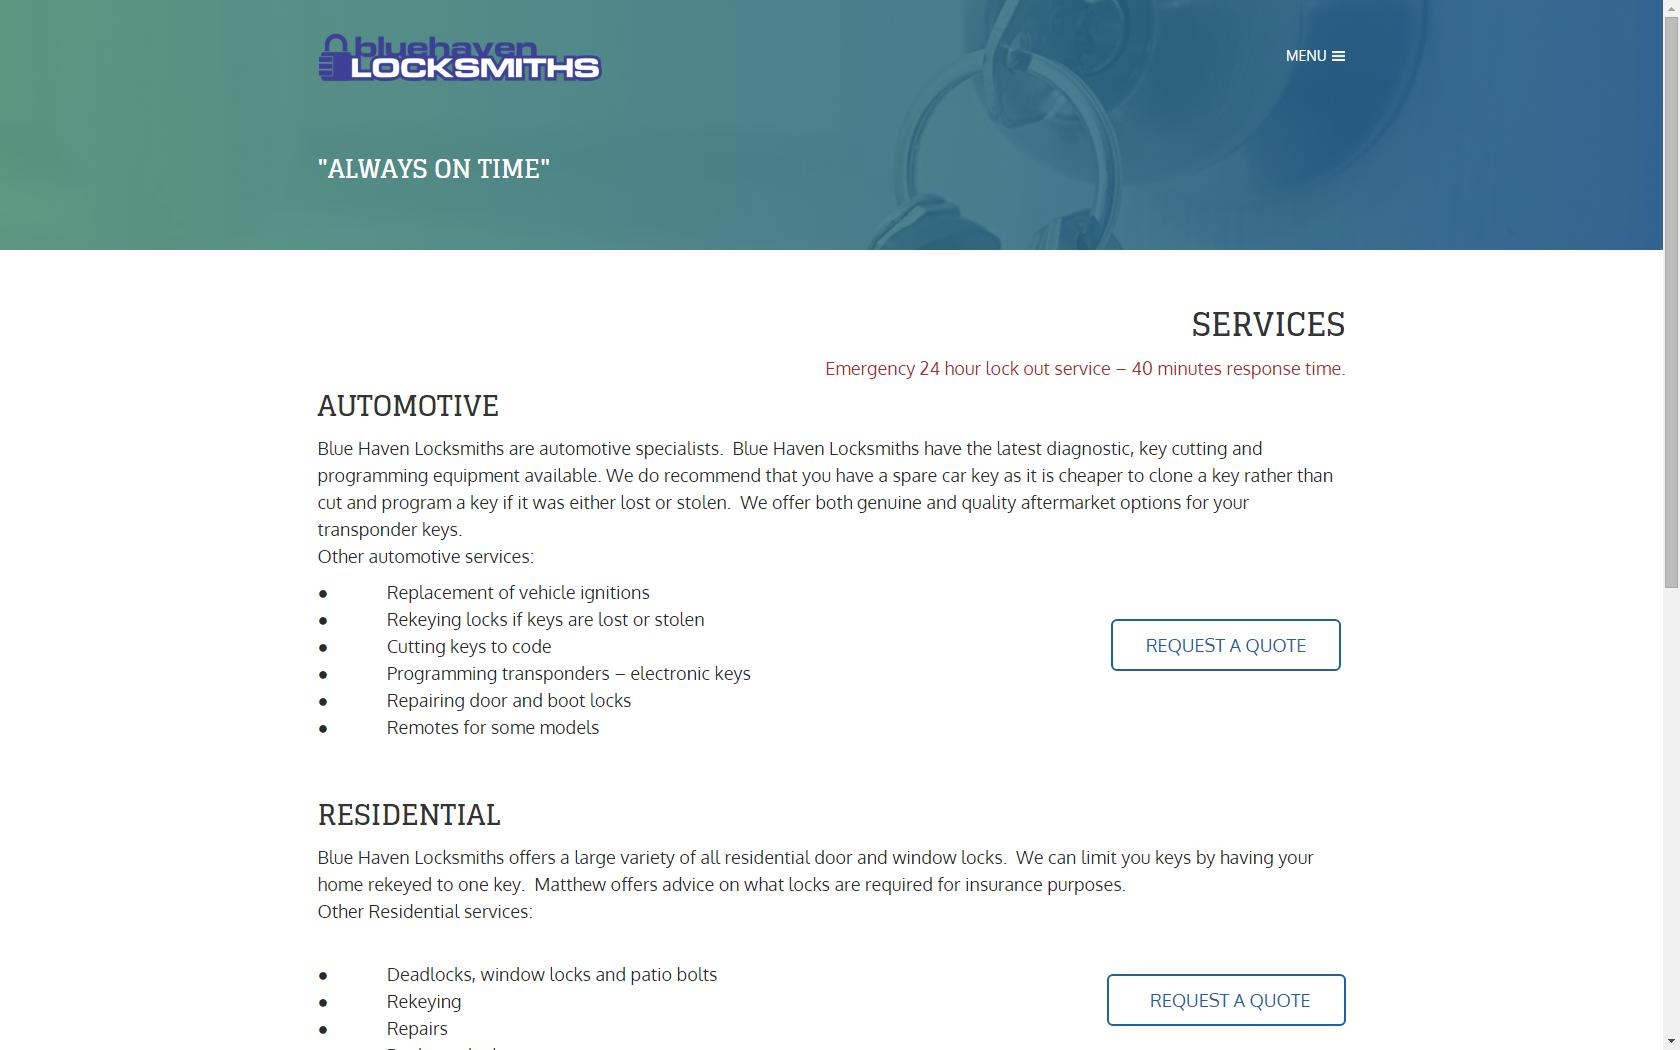 Blue Haven Locksmiths